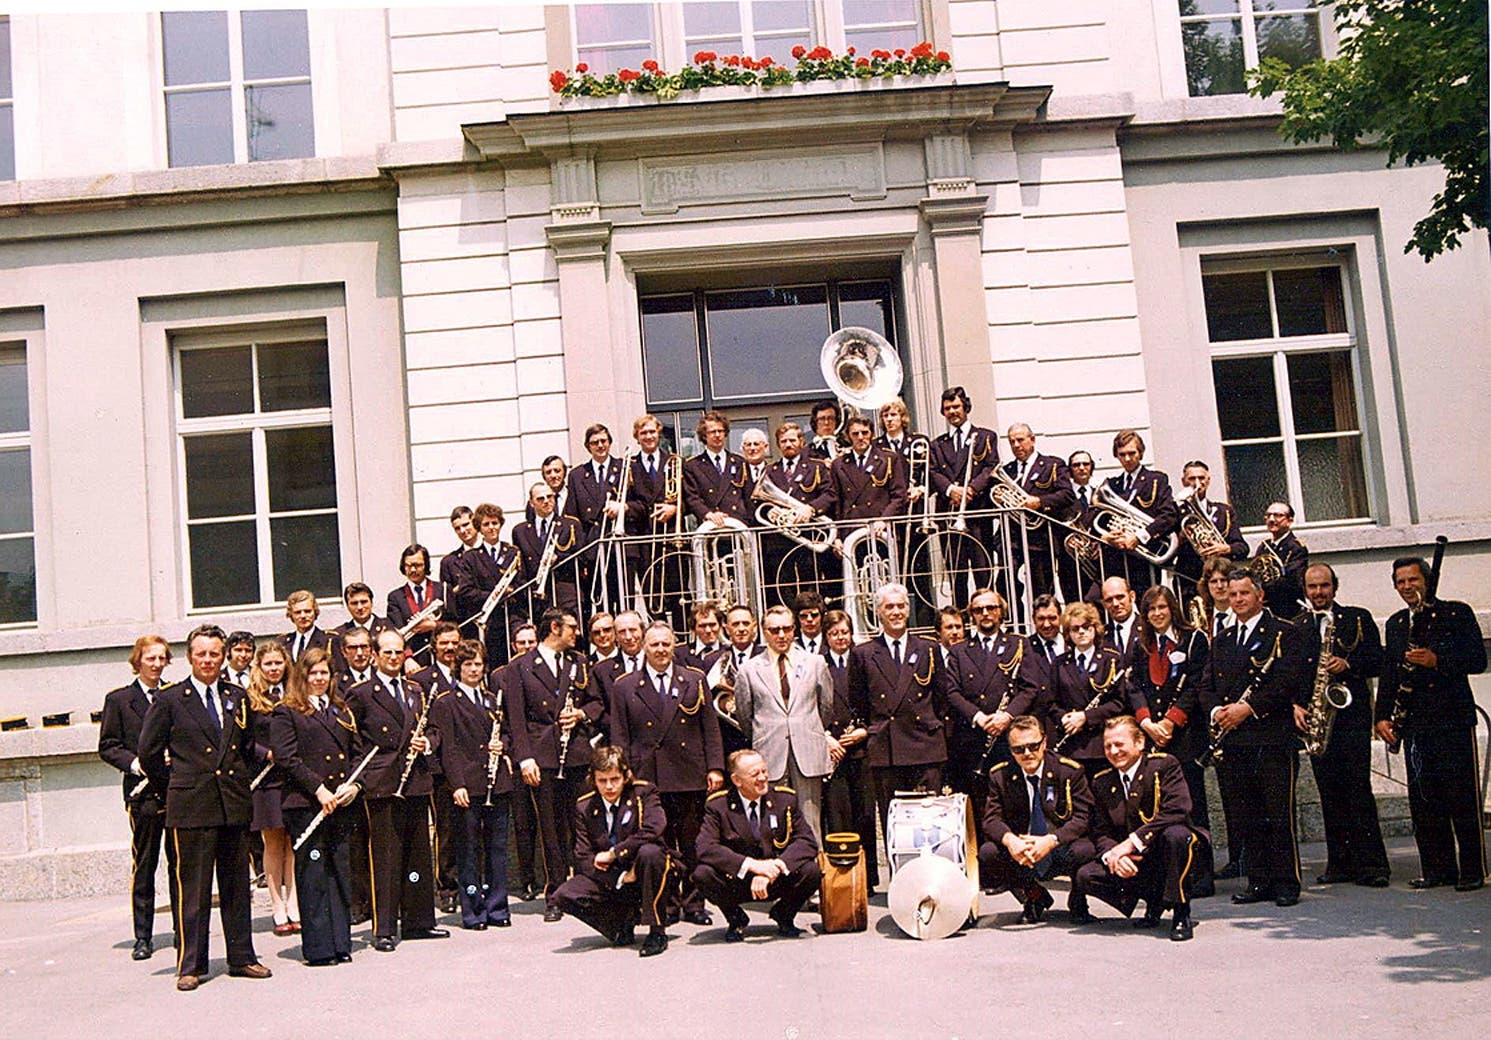 Die Uniformen im Laufe der Zeit: 1957-1973